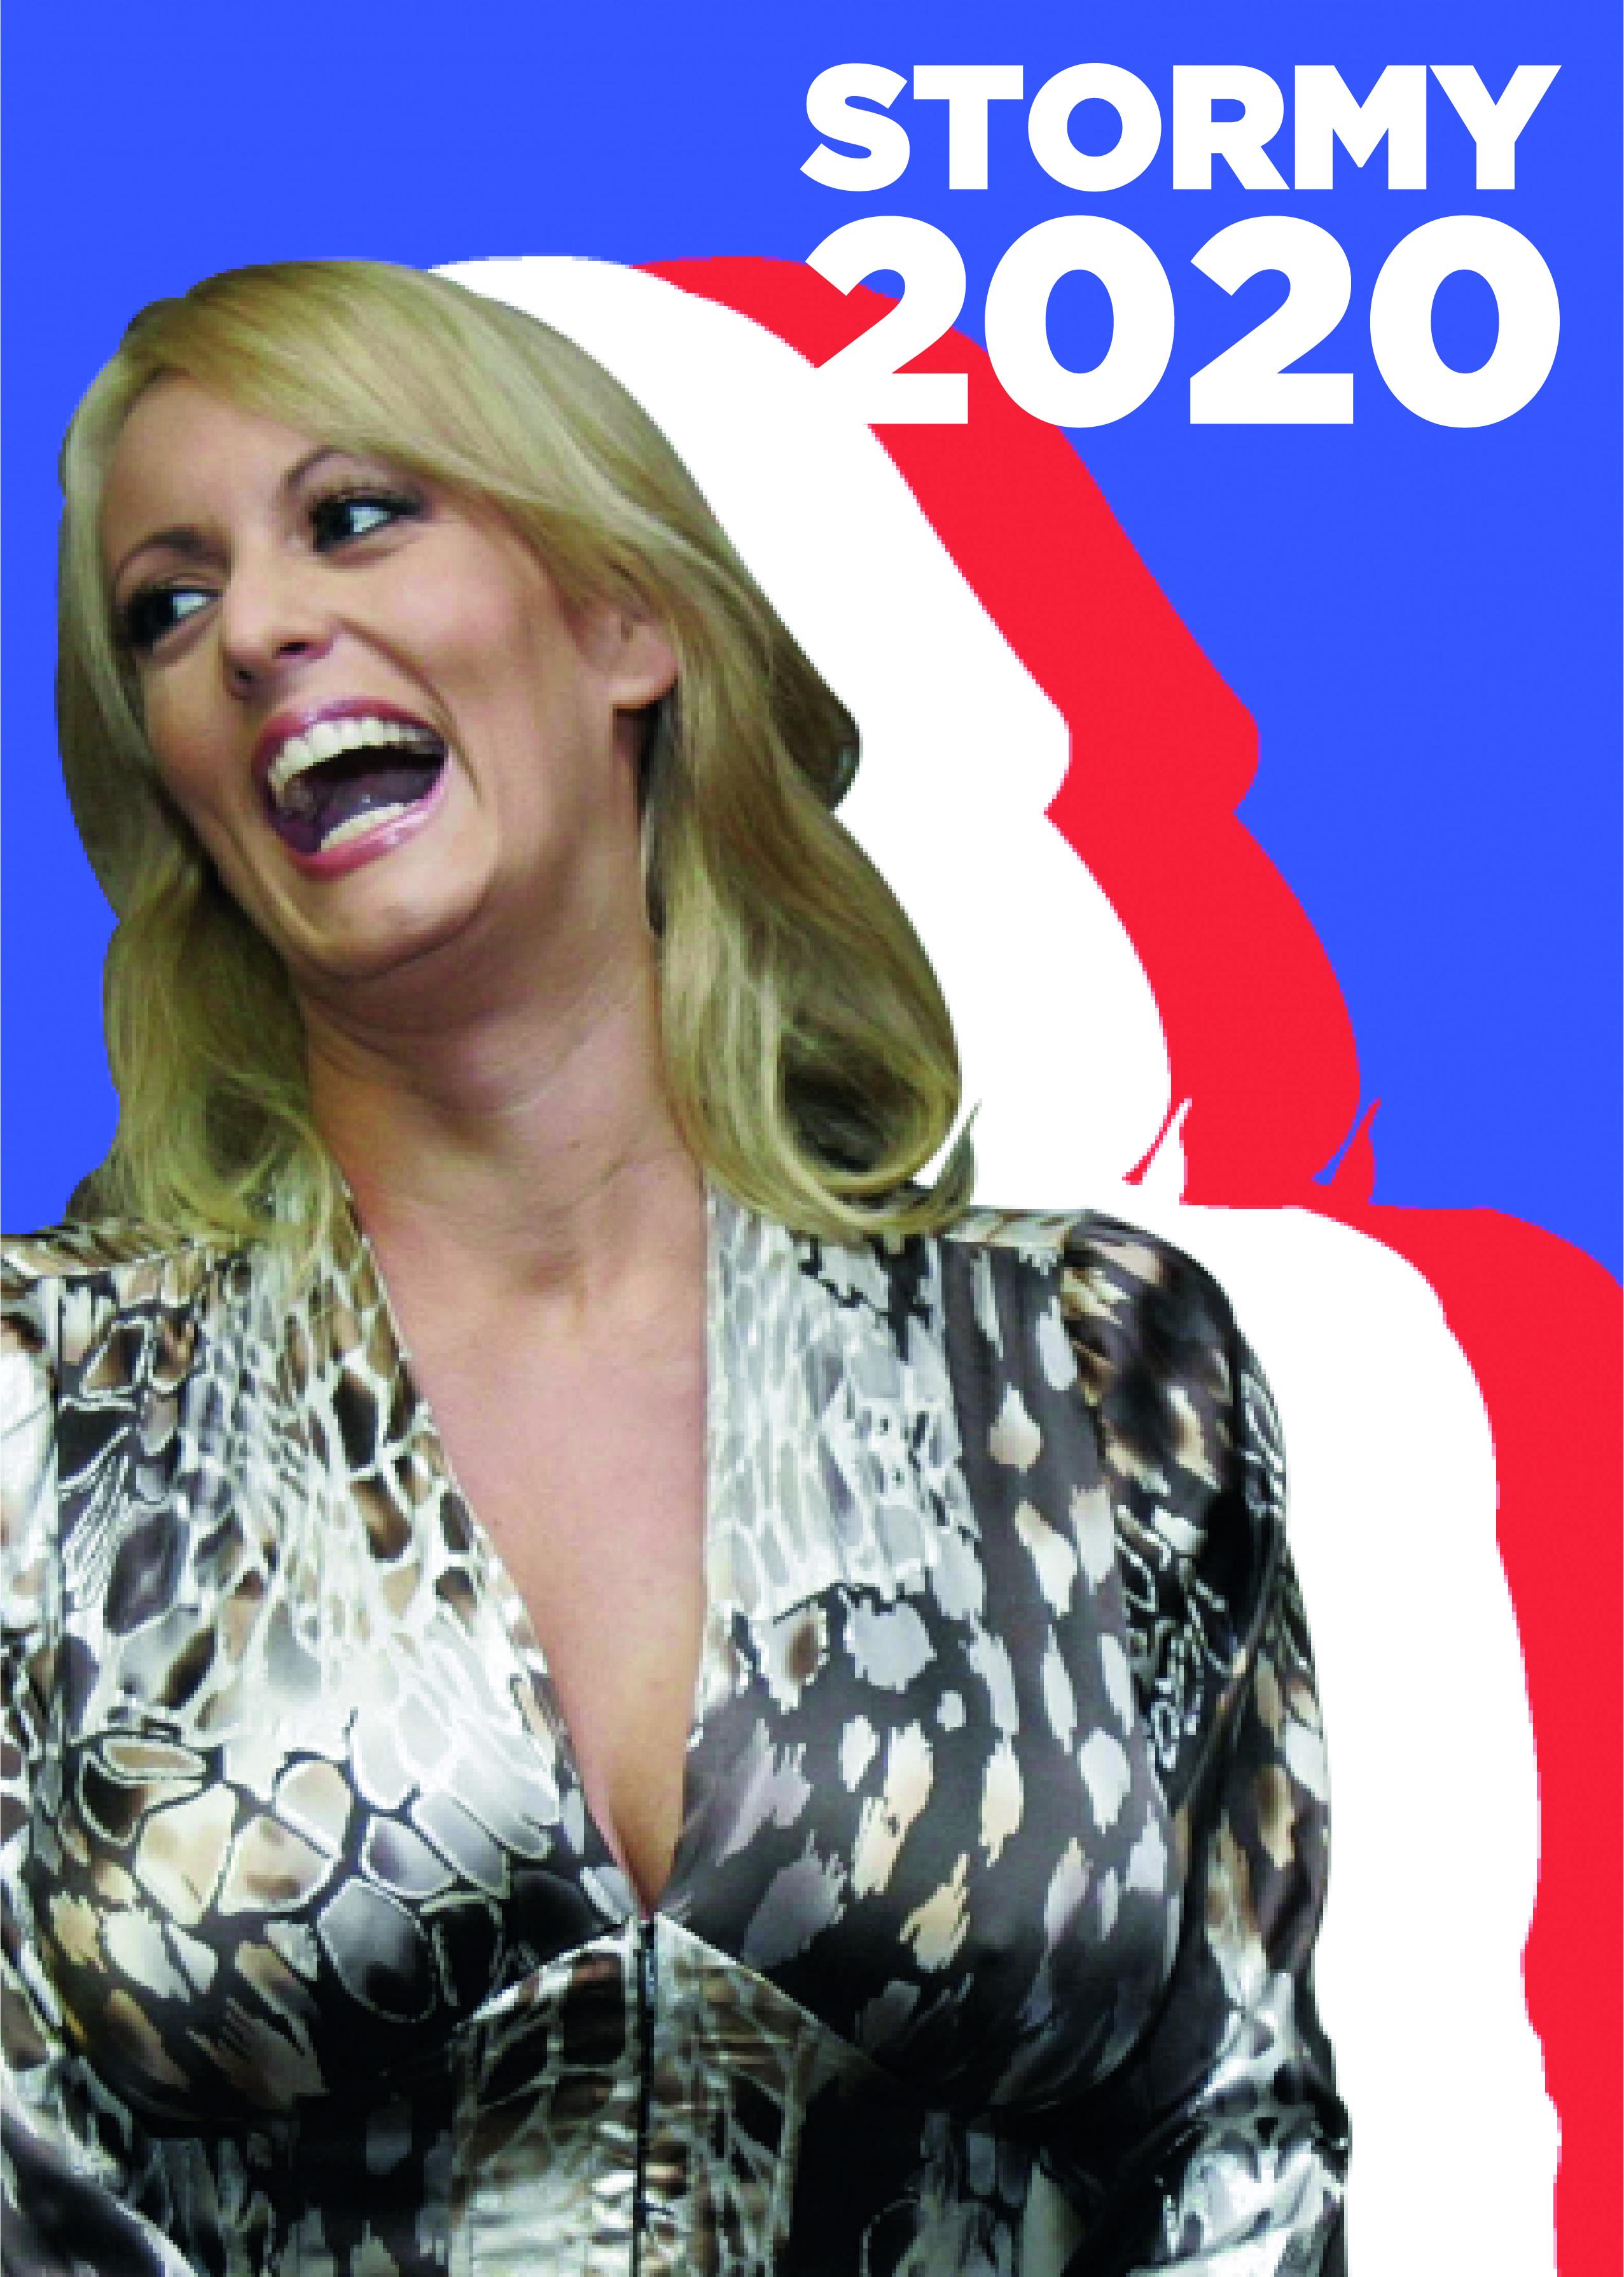 Stormy 2020